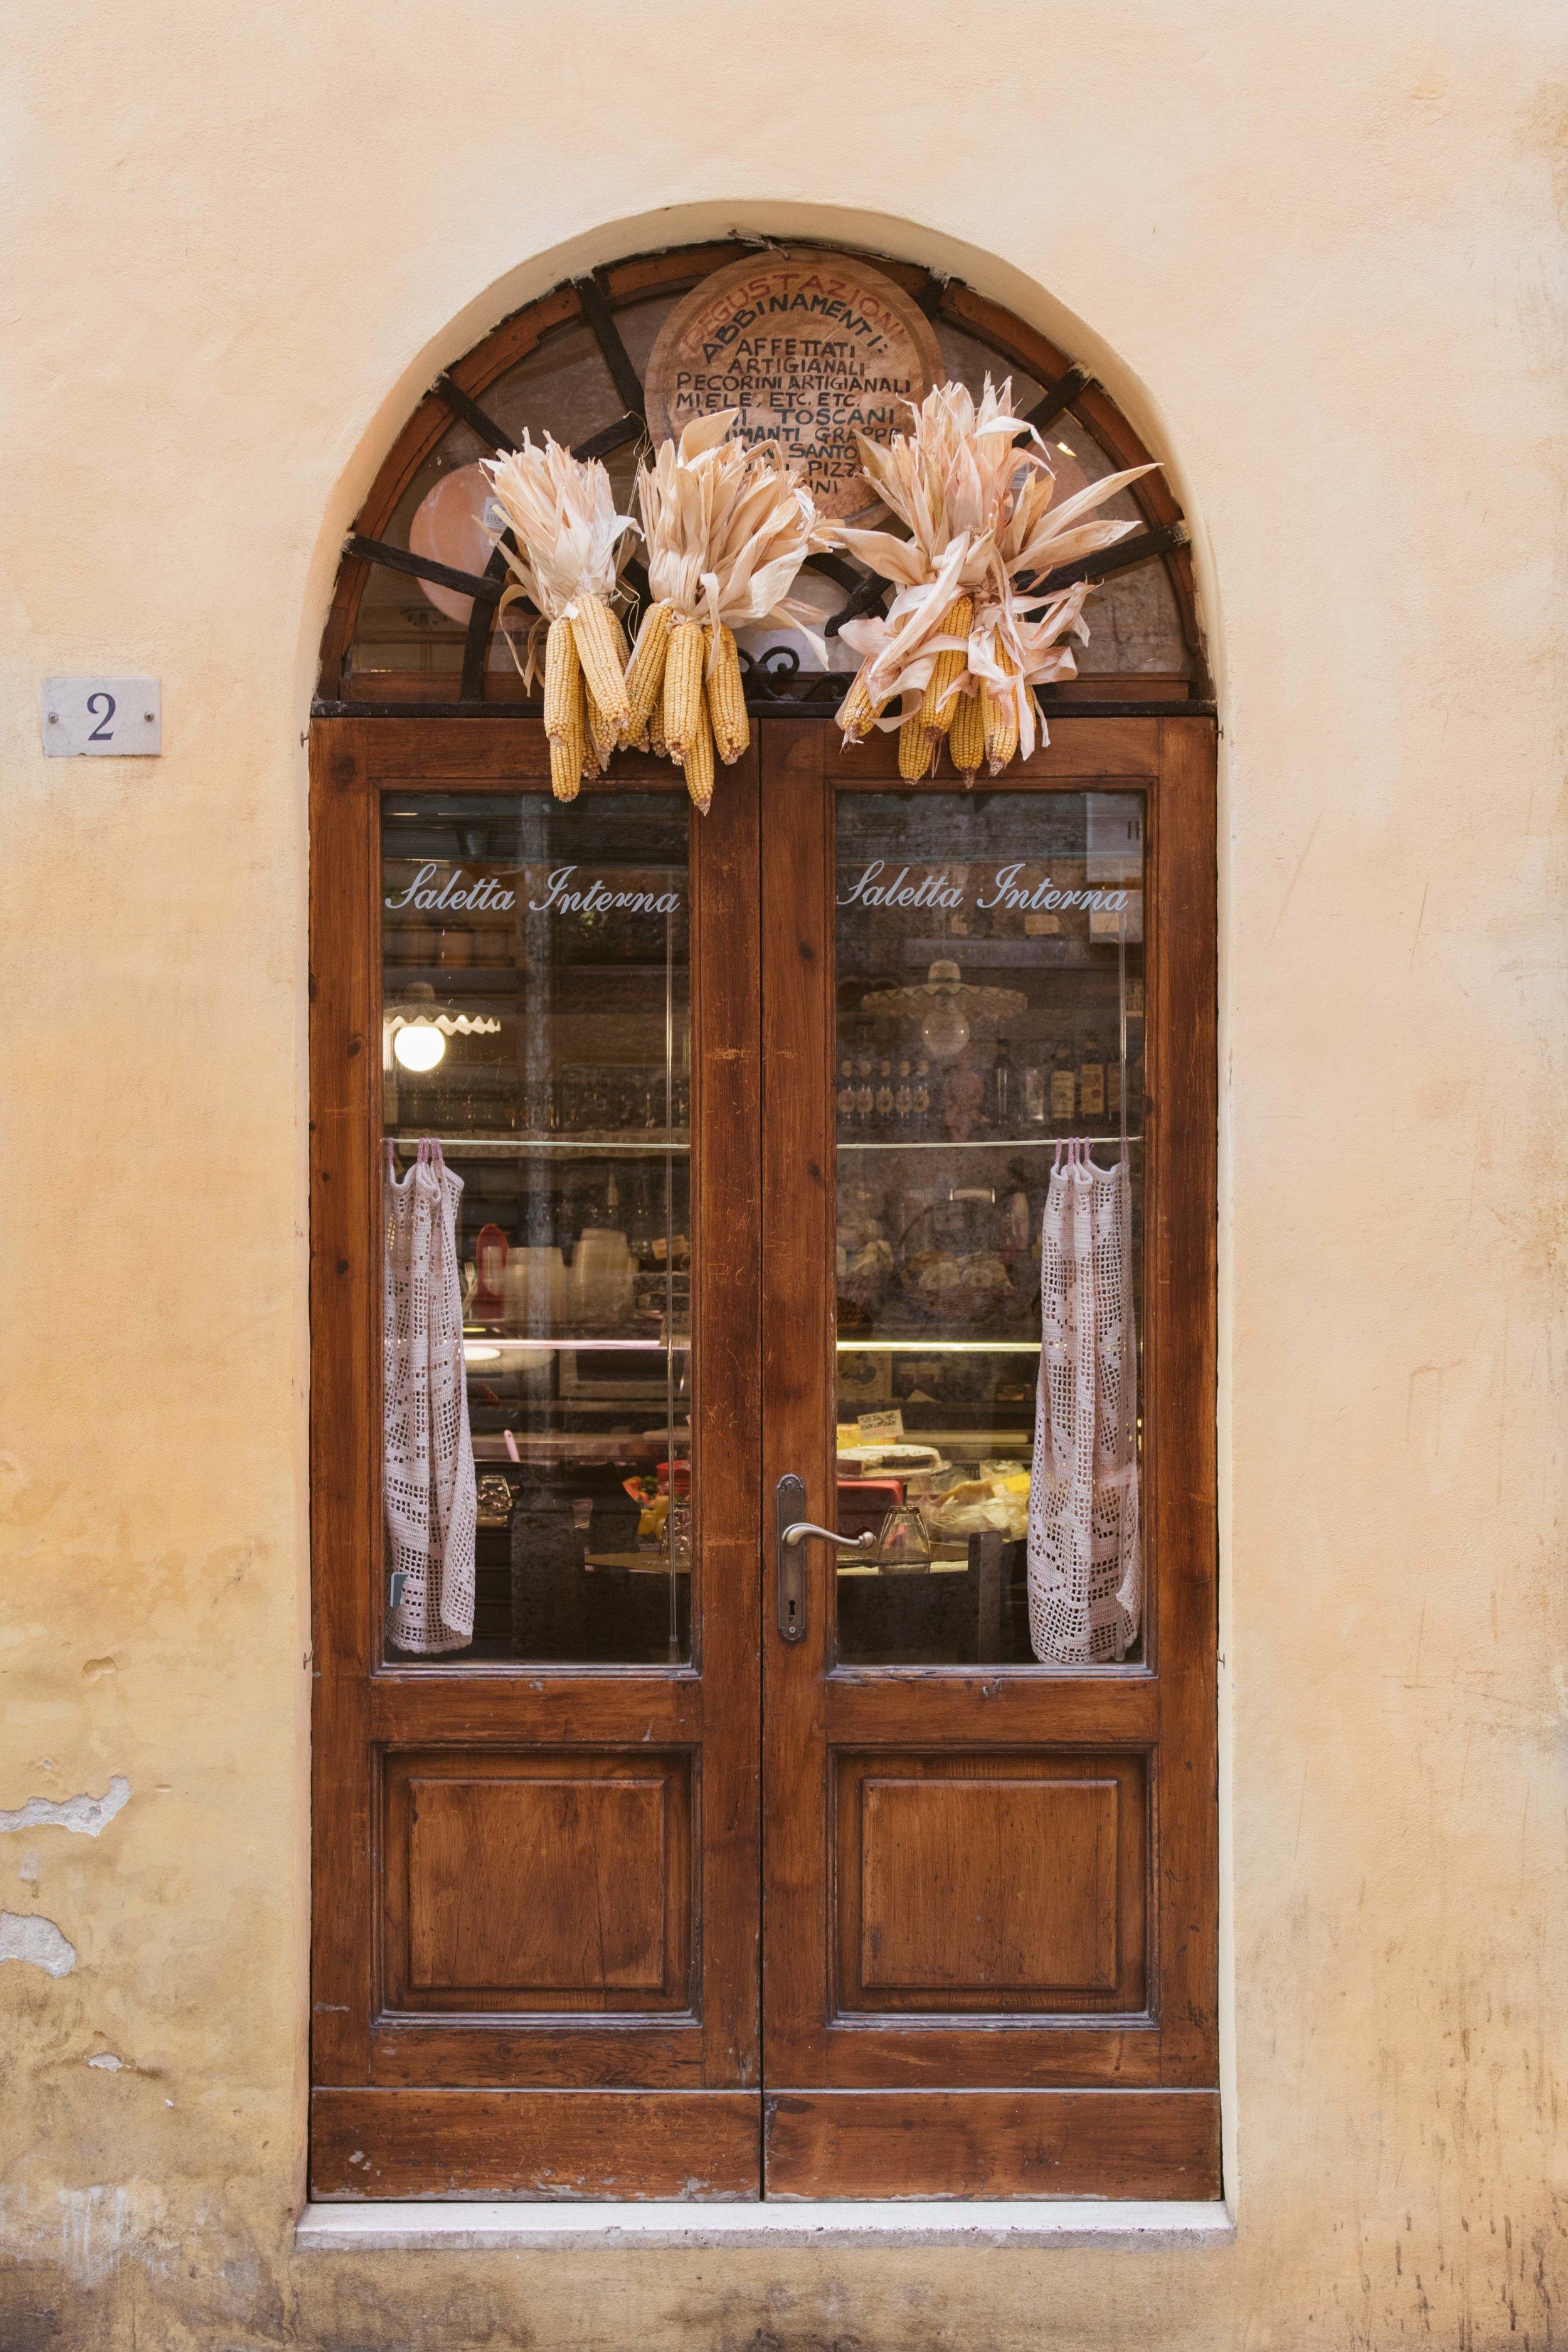 Siena Tuscany Italy - Via Tolila